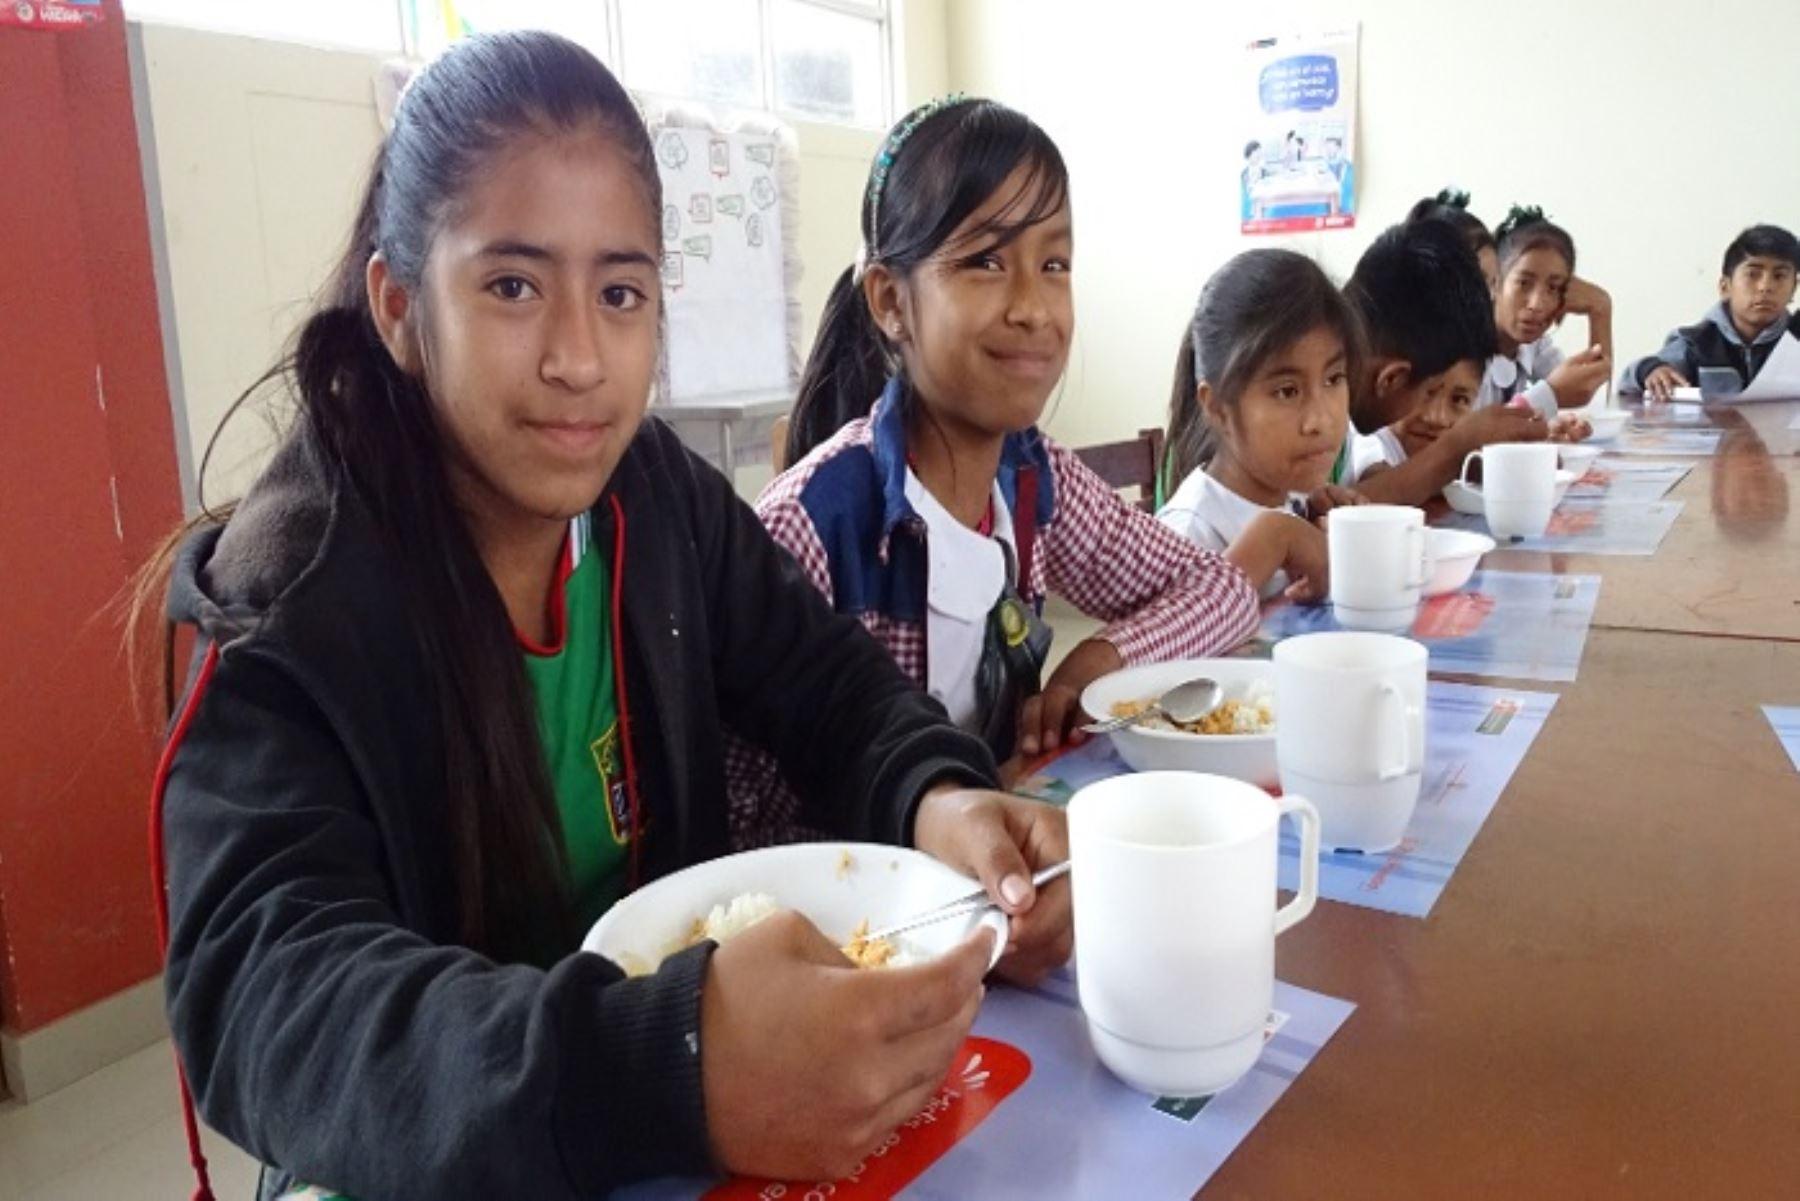 Los estudiantes bajo la modalidad JEC tienen un horario de 7:30 a 15:00 horas; mientras que los estudiantes FAD permanecen en el colegio por 15 días en internado